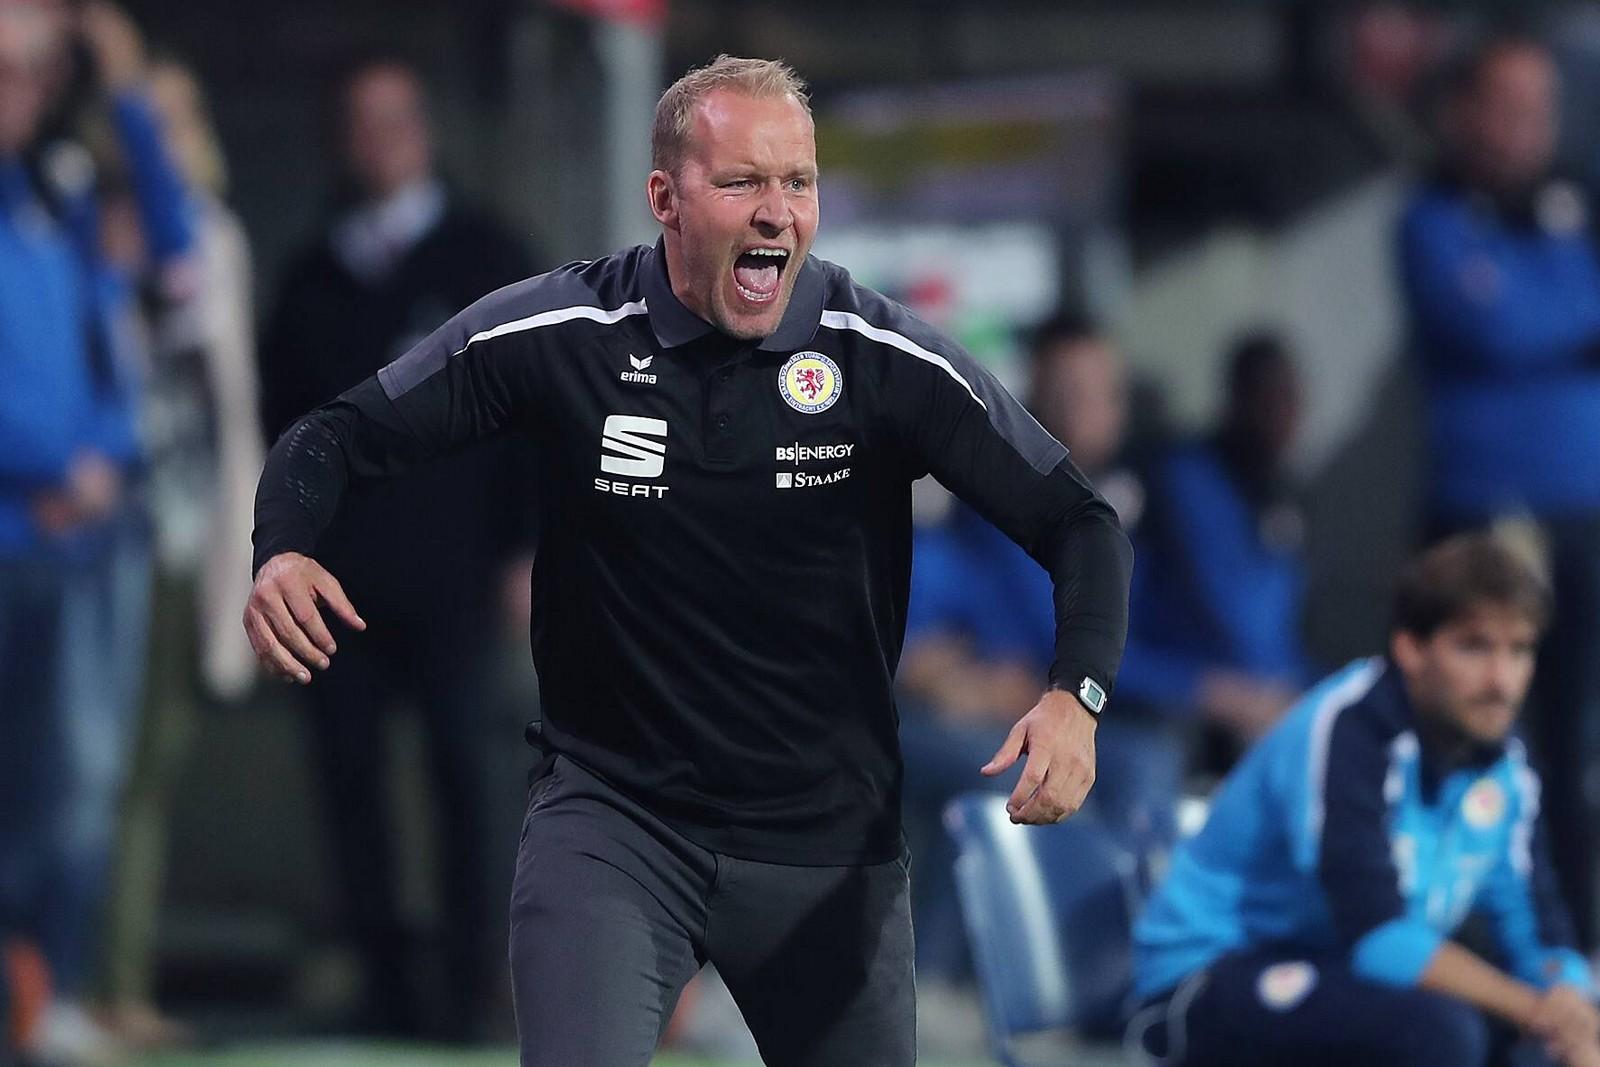 Trotz der Pokal-Pleite hält Braunschweig an Trainer Henrik Pedersen fest.